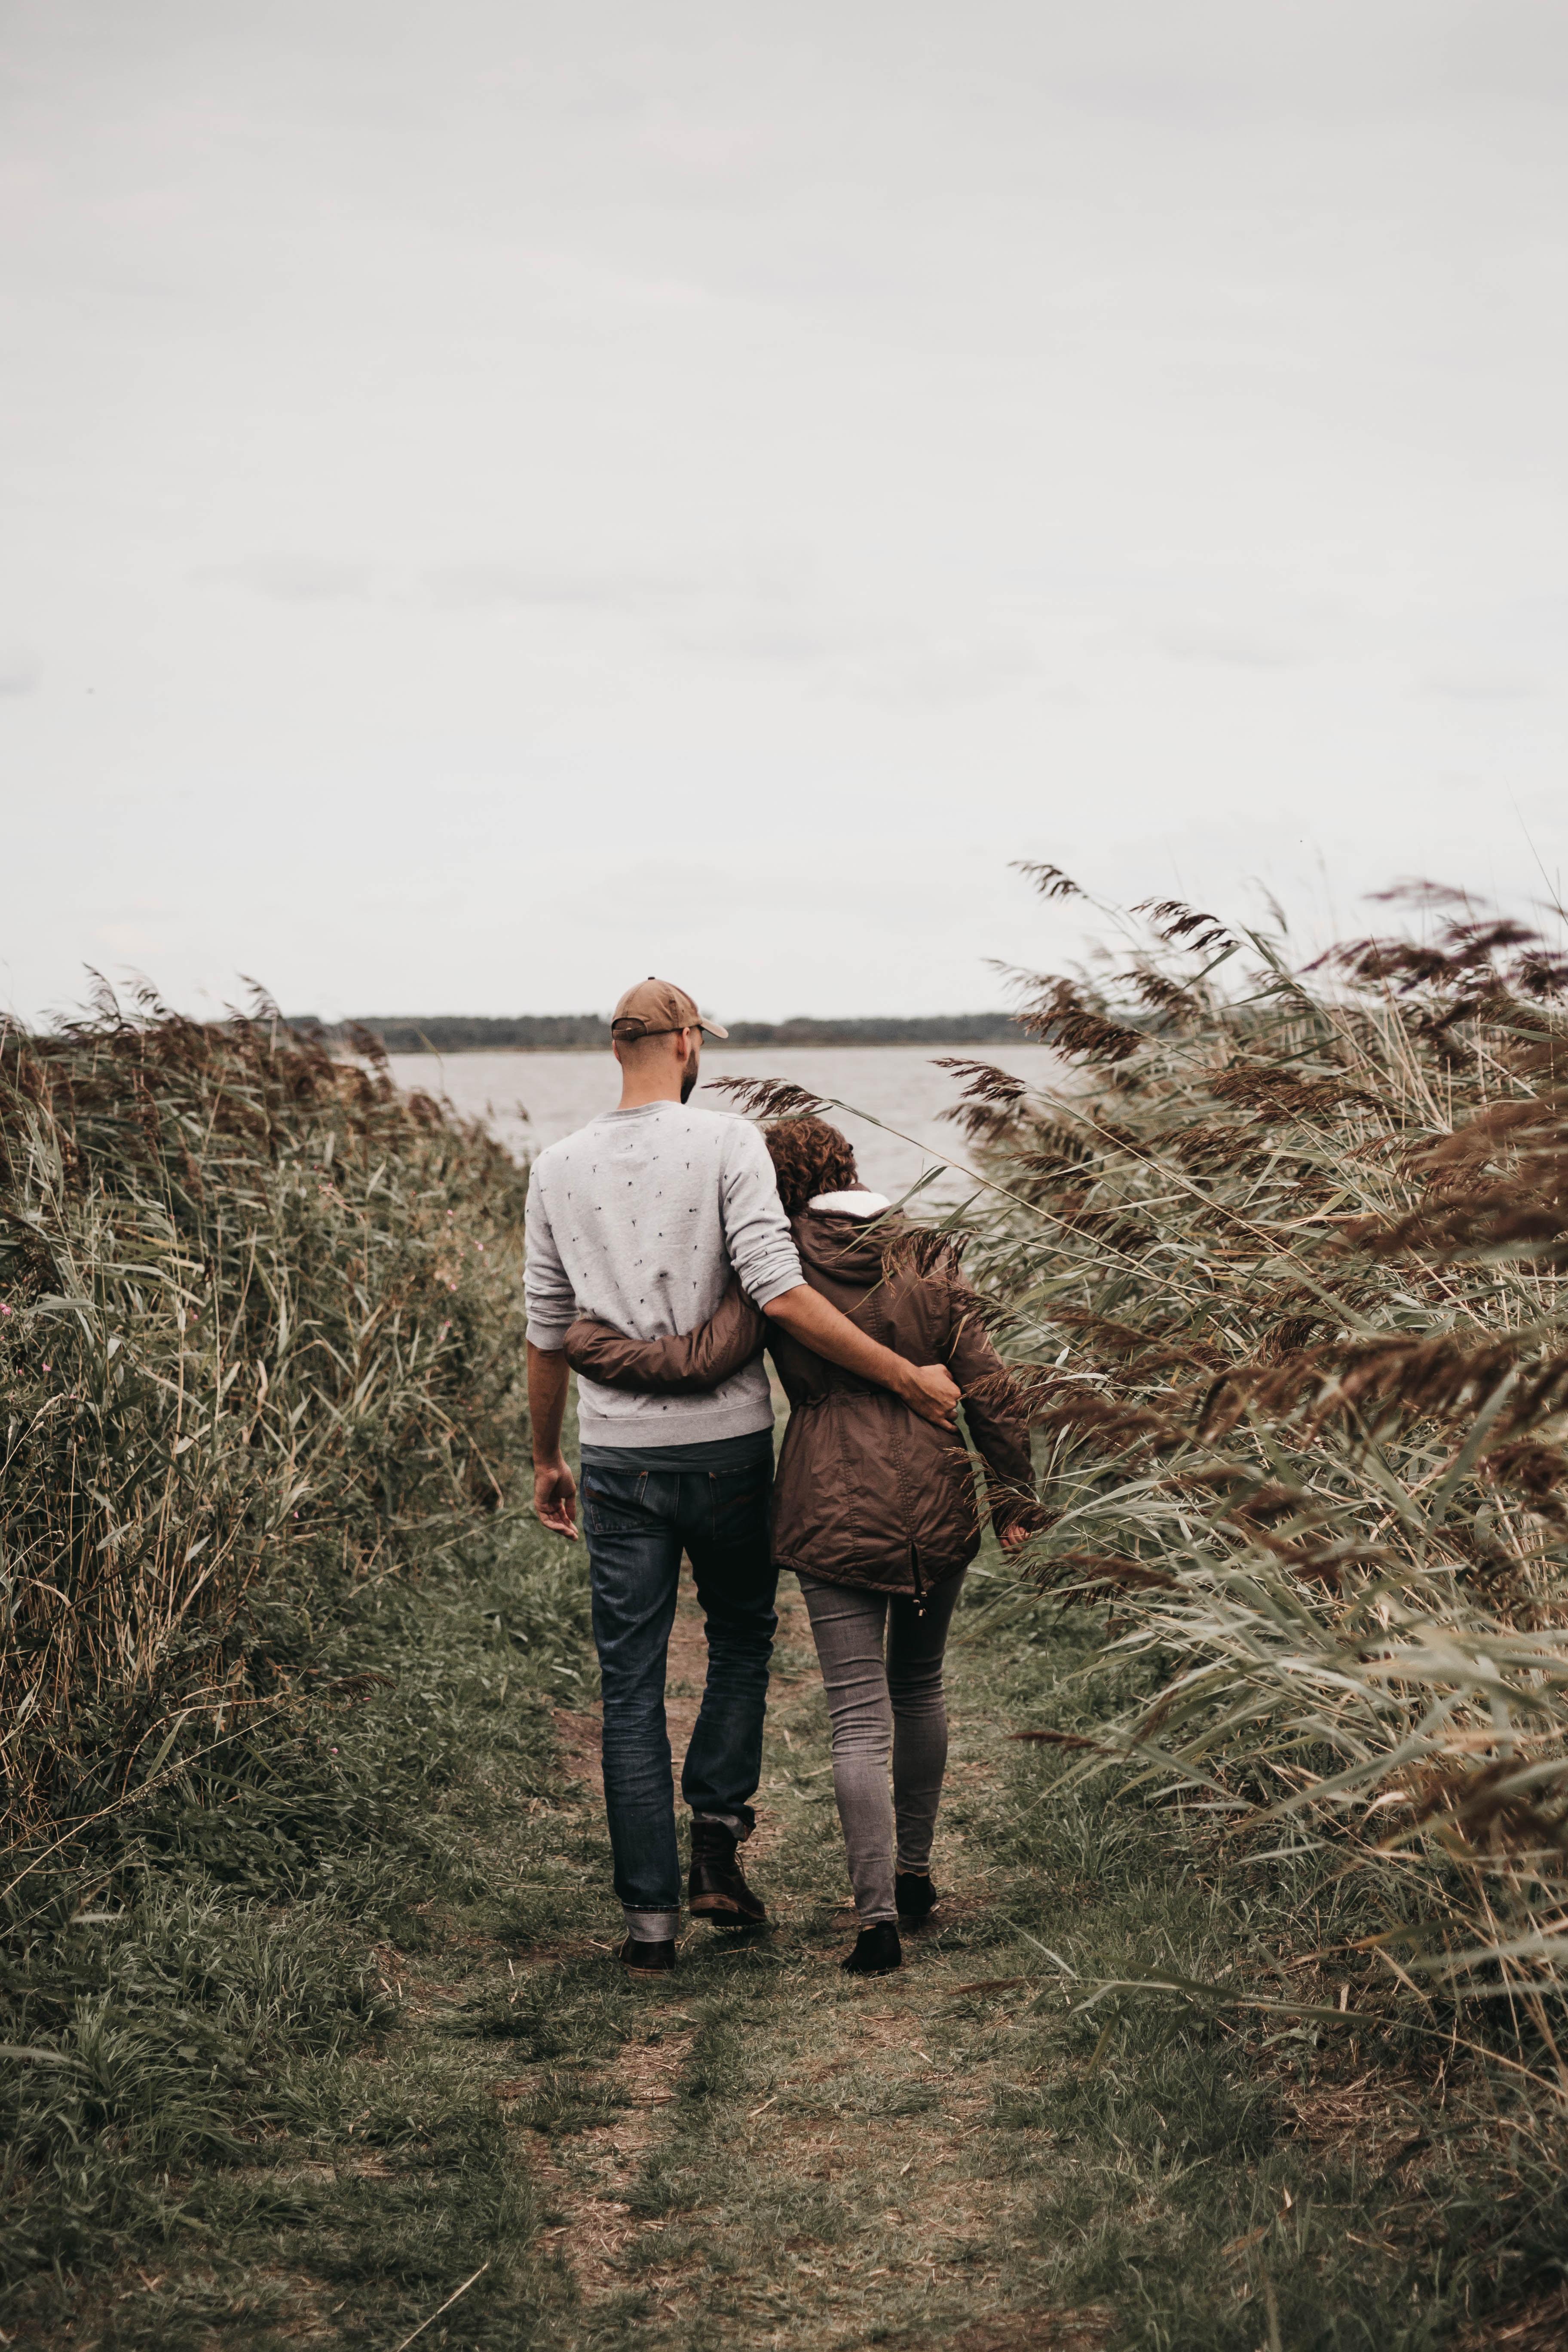 man hugging woman while walking